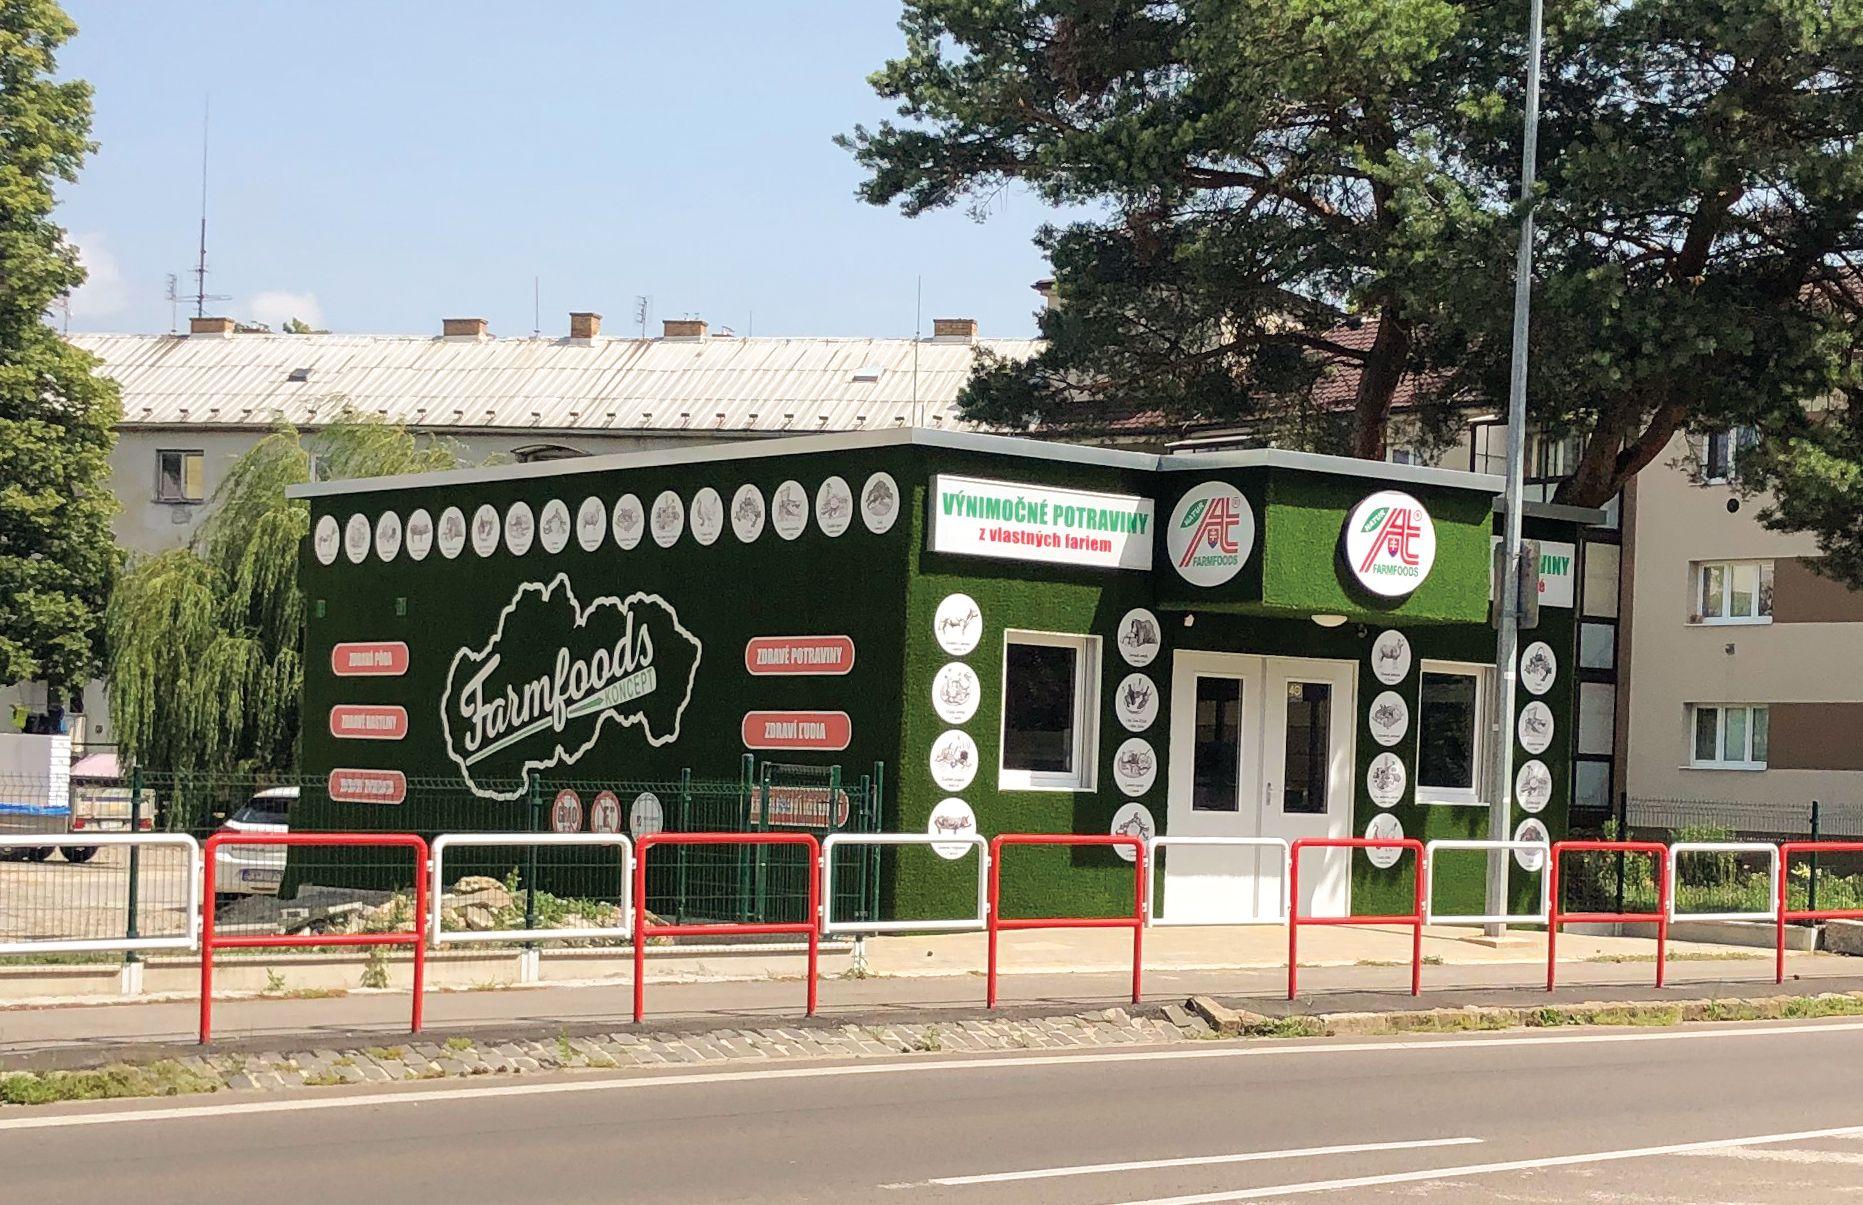 Predajňa Farmfoods Dubnica nad Váhom